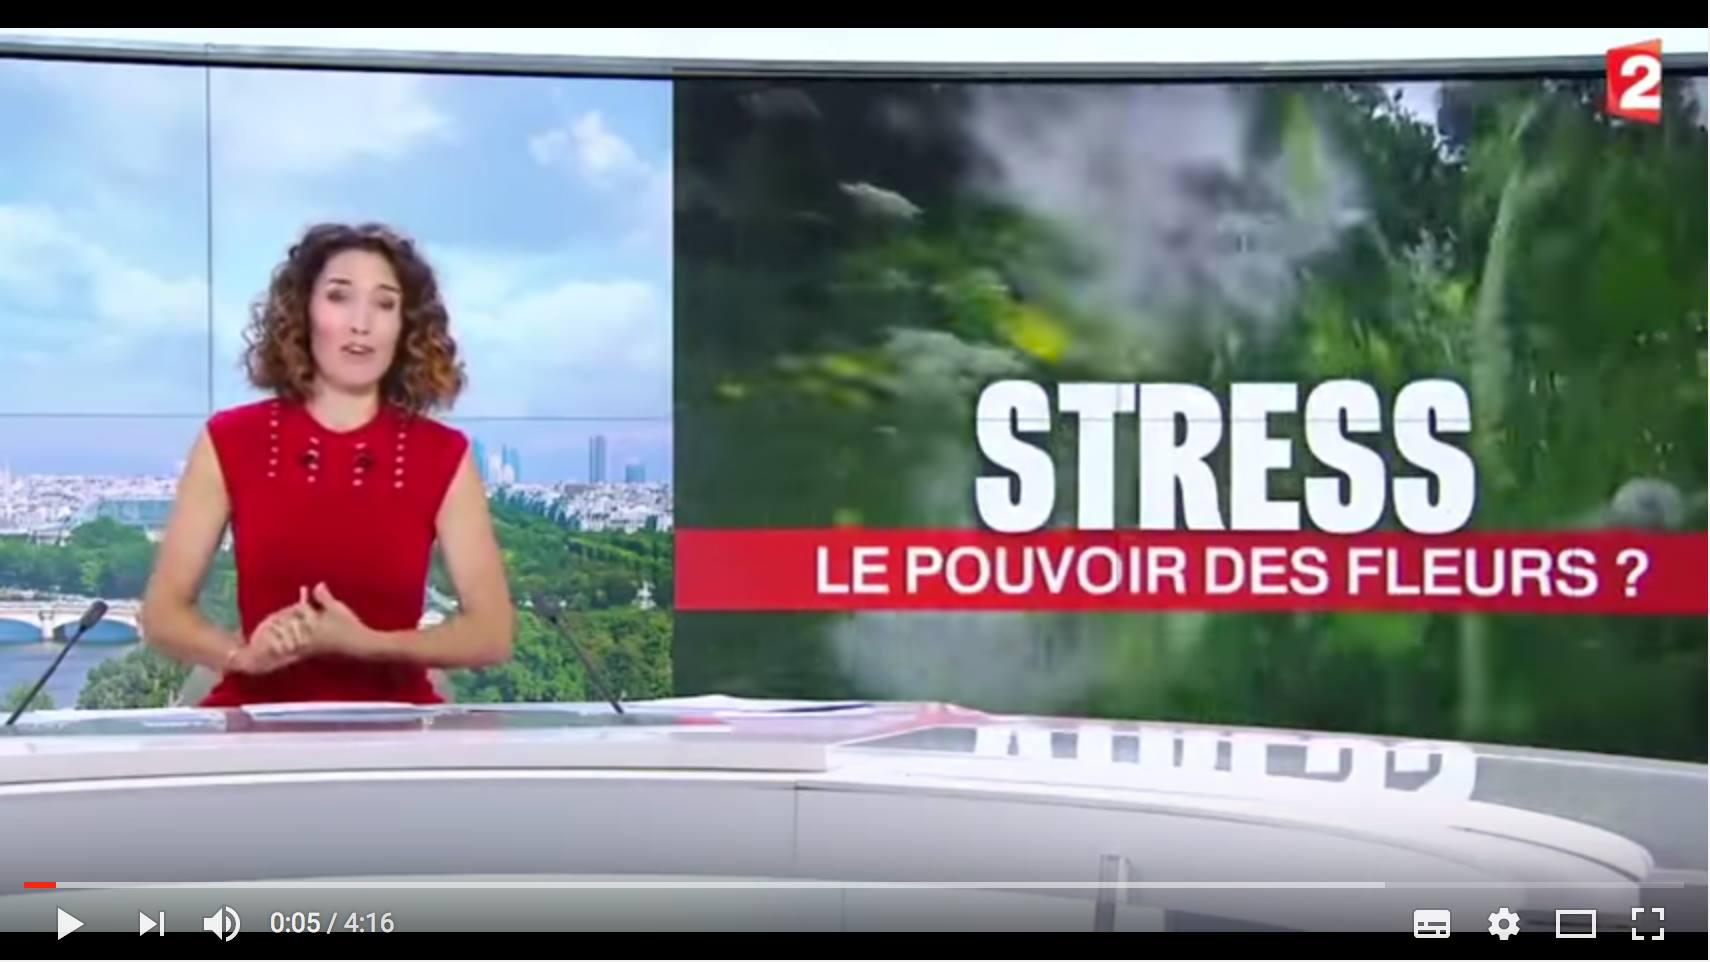 Le pouvoir des fleurs : journal télévisé de France 2